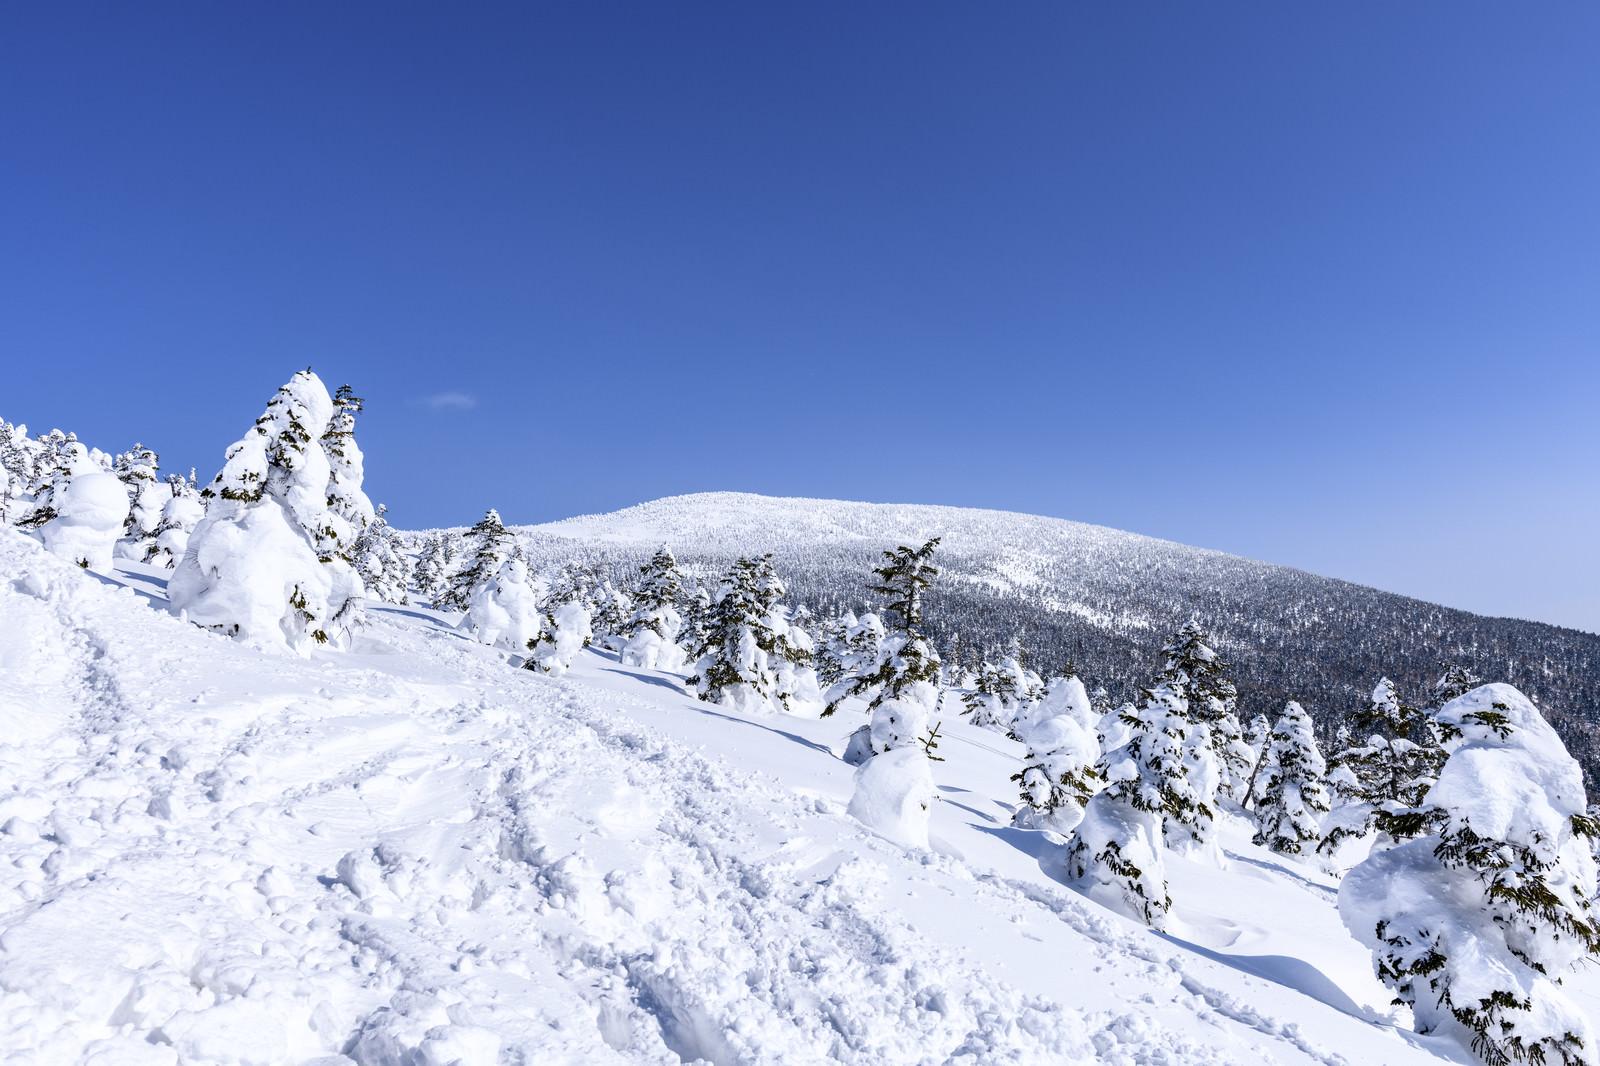 「雪に覆われた西吾妻山(にしあづまやま)」の写真